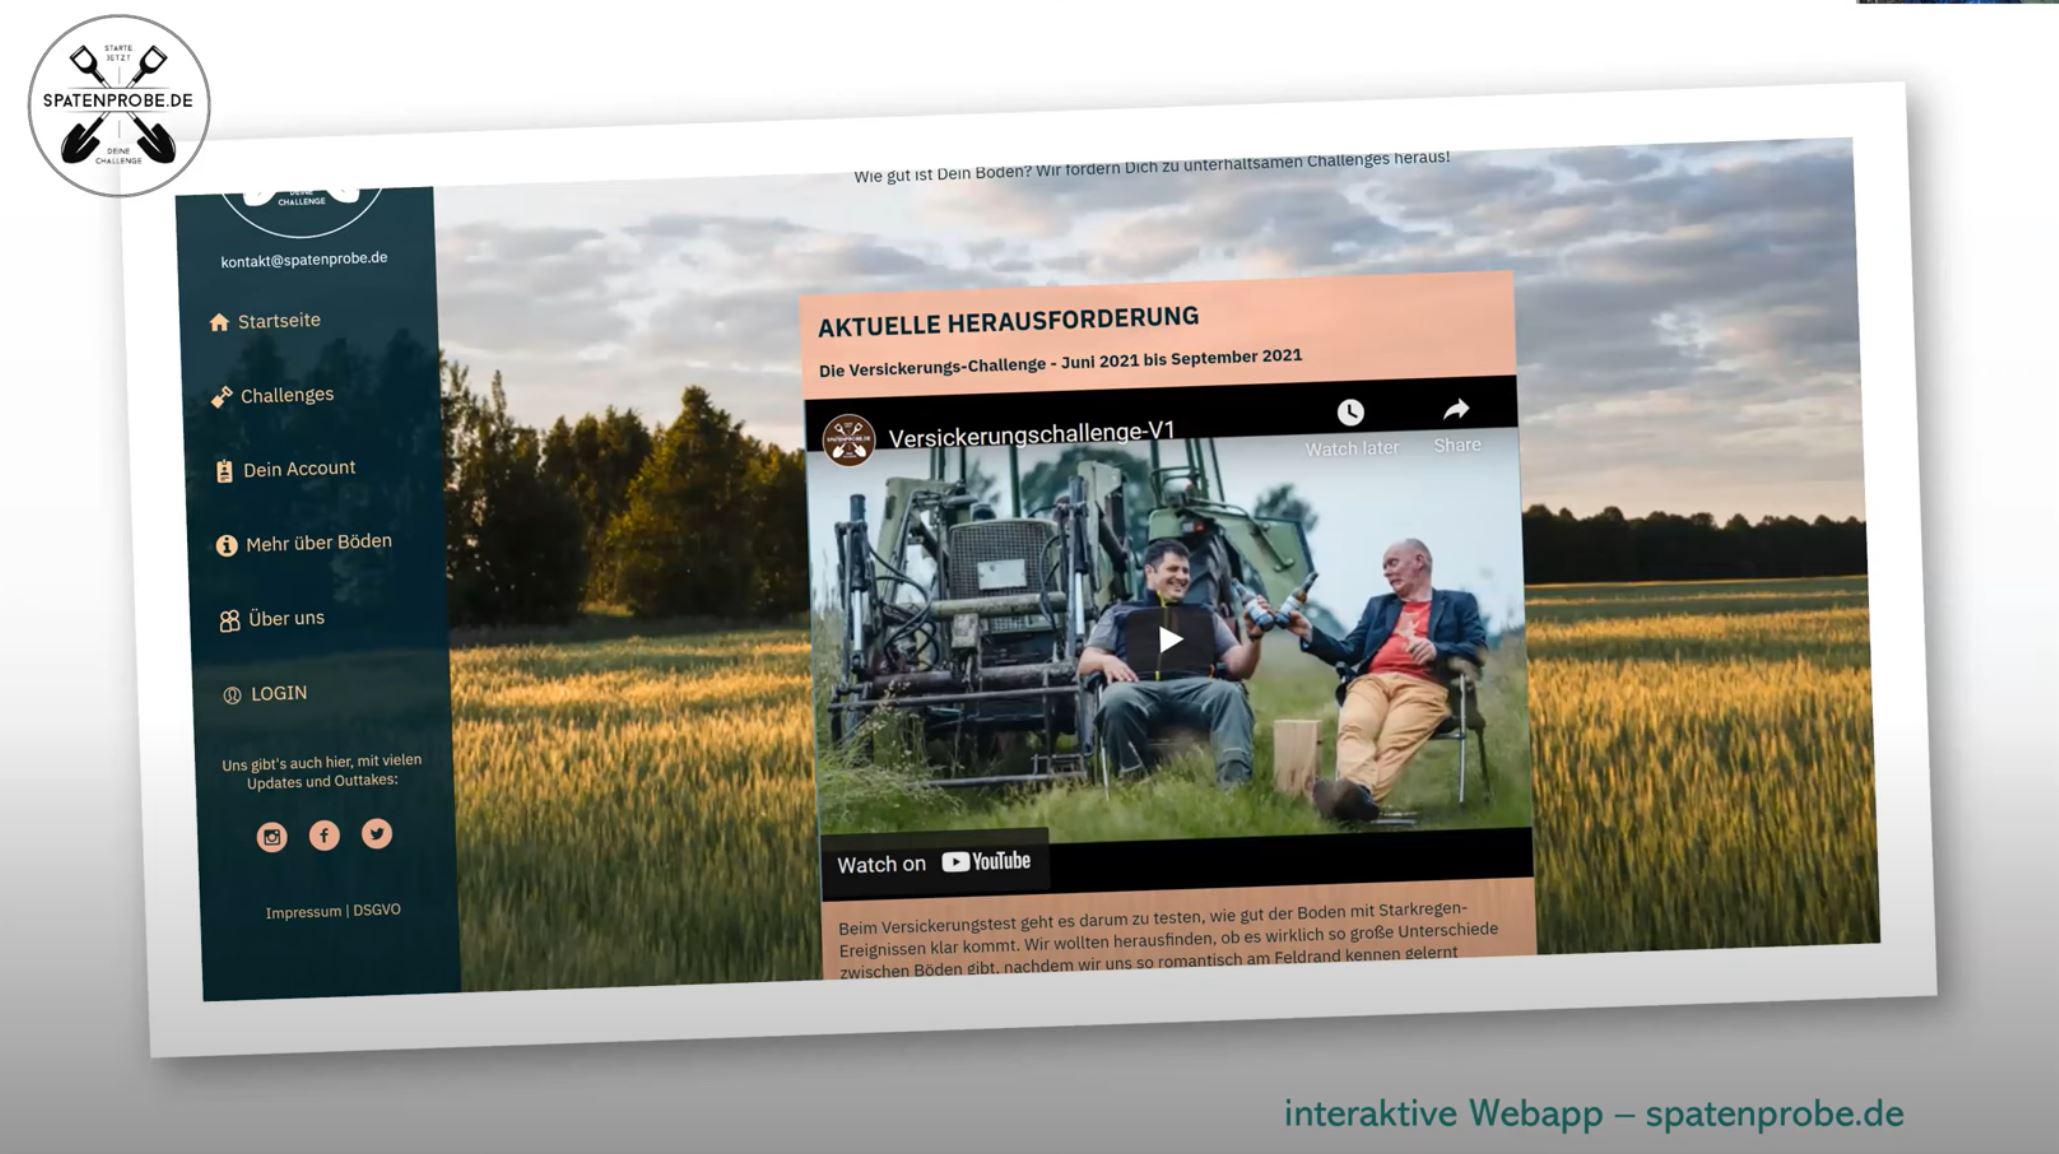 """Das Bild zeigt die Startseite der Webseite von dem UpdateDeutschland-Projekt """"Spatenprobe""""."""